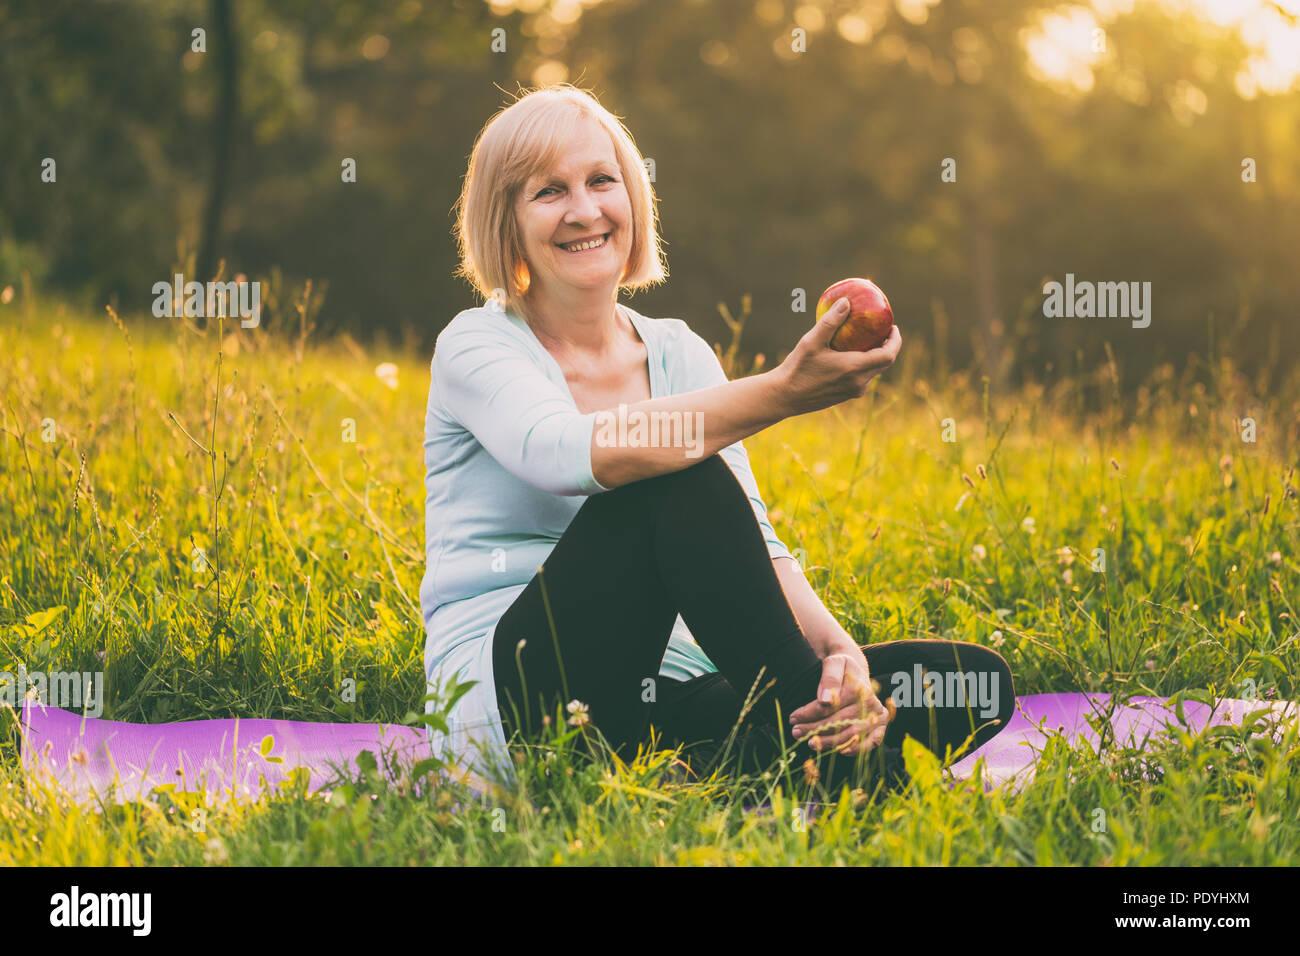 Portrait von Active Senior Frau essen Apple nach Übung. Bild ist absichtlich abgeschwächt. Stockbild